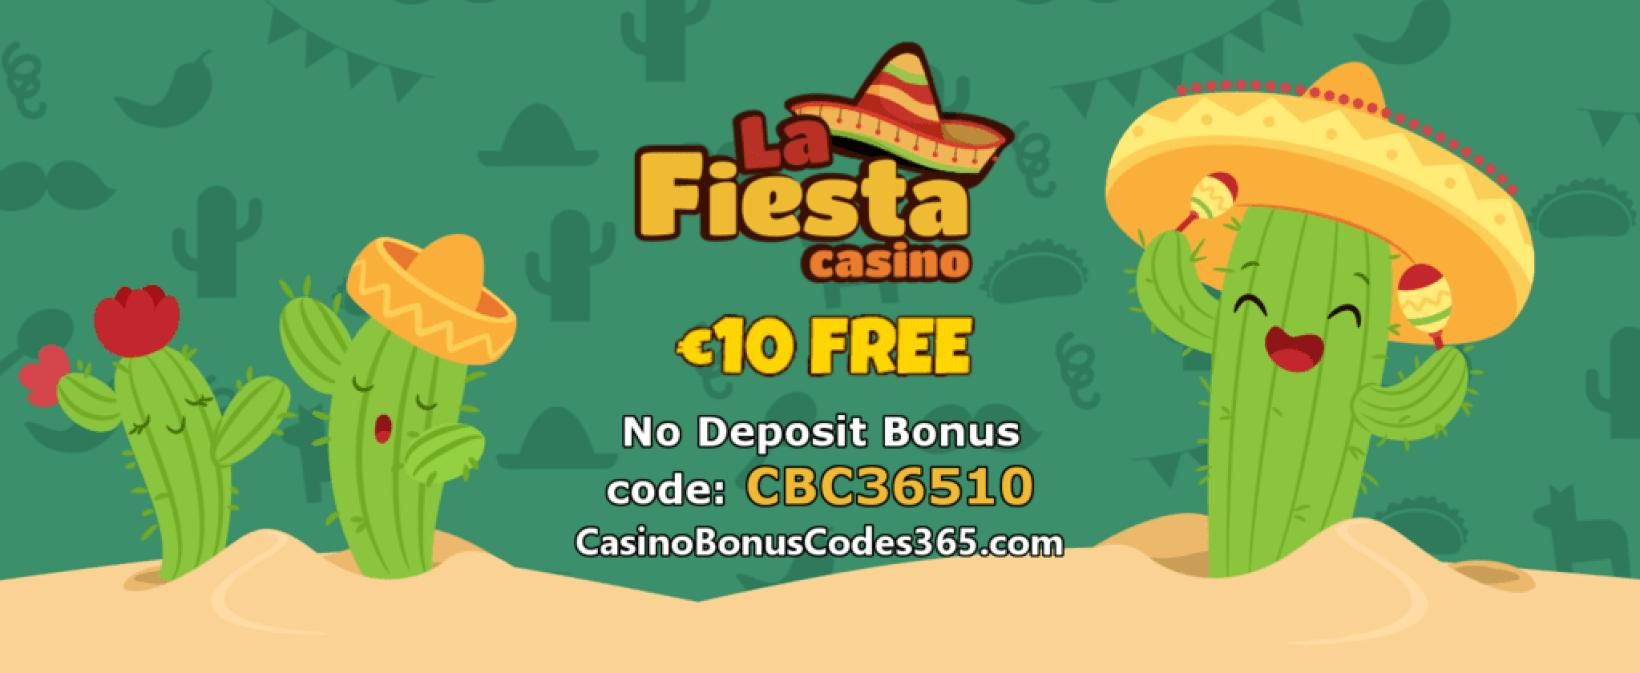 La Fiesta Casino €10 FREE No Deposit Bonus